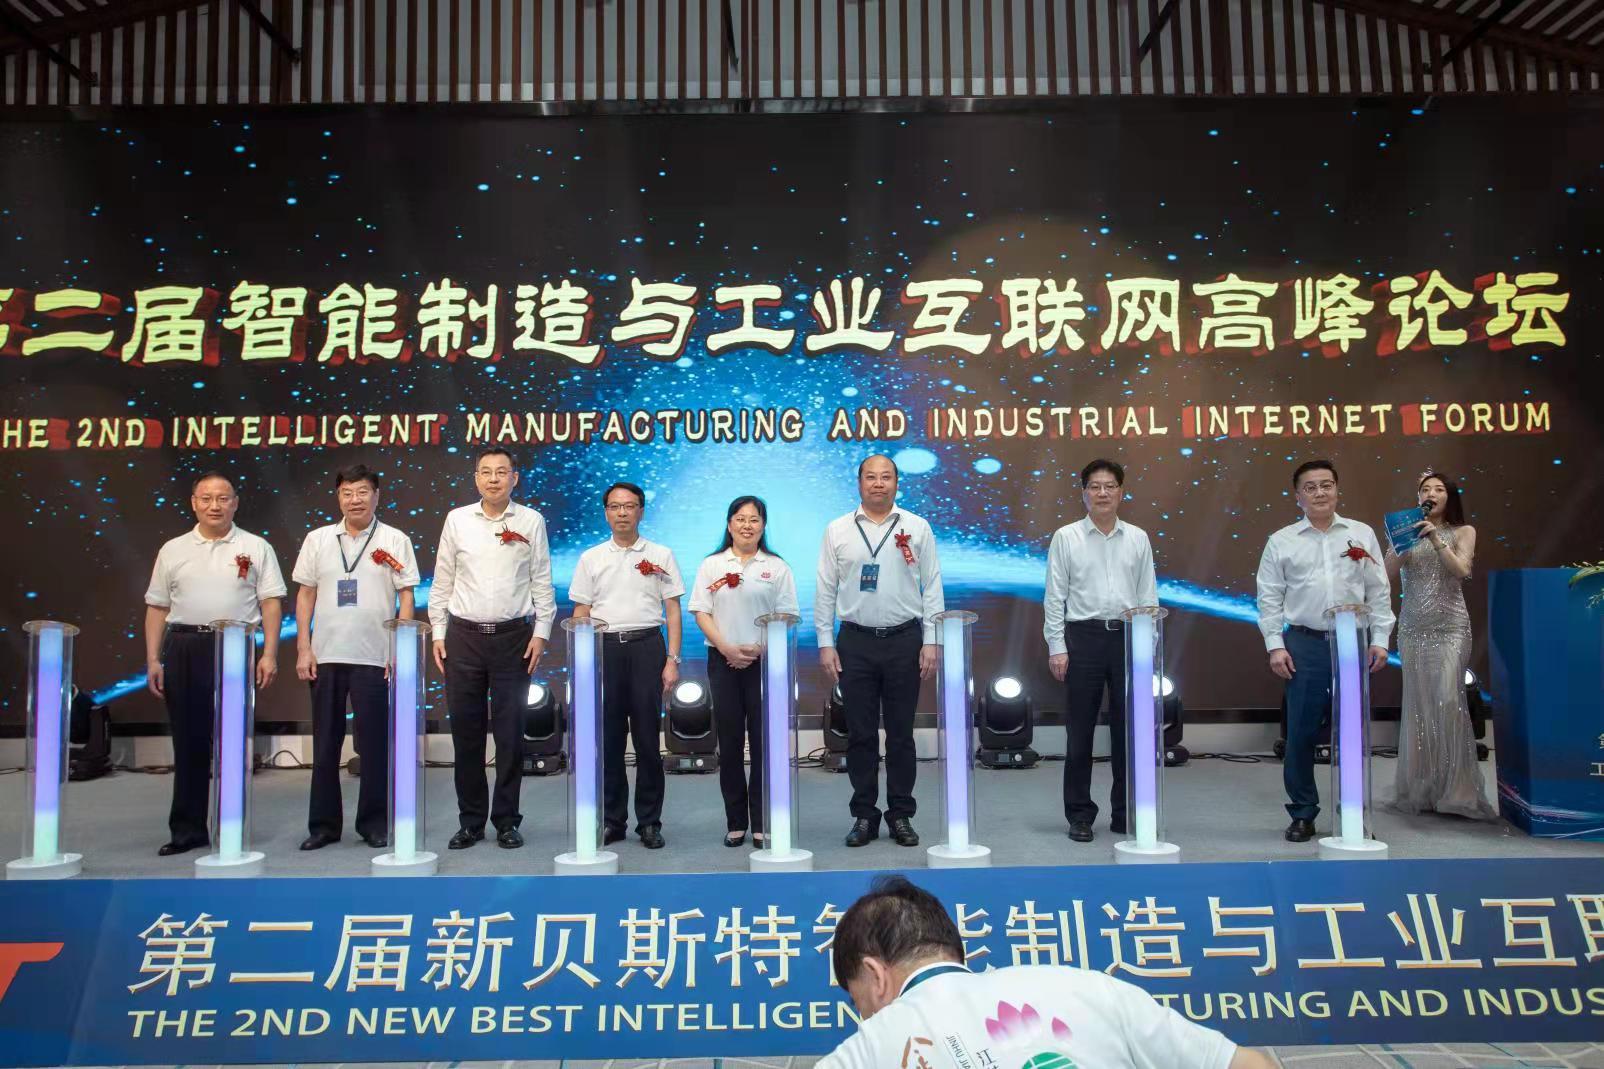 第二届智能制造与工业互联网高峰论坛在金湖开幕